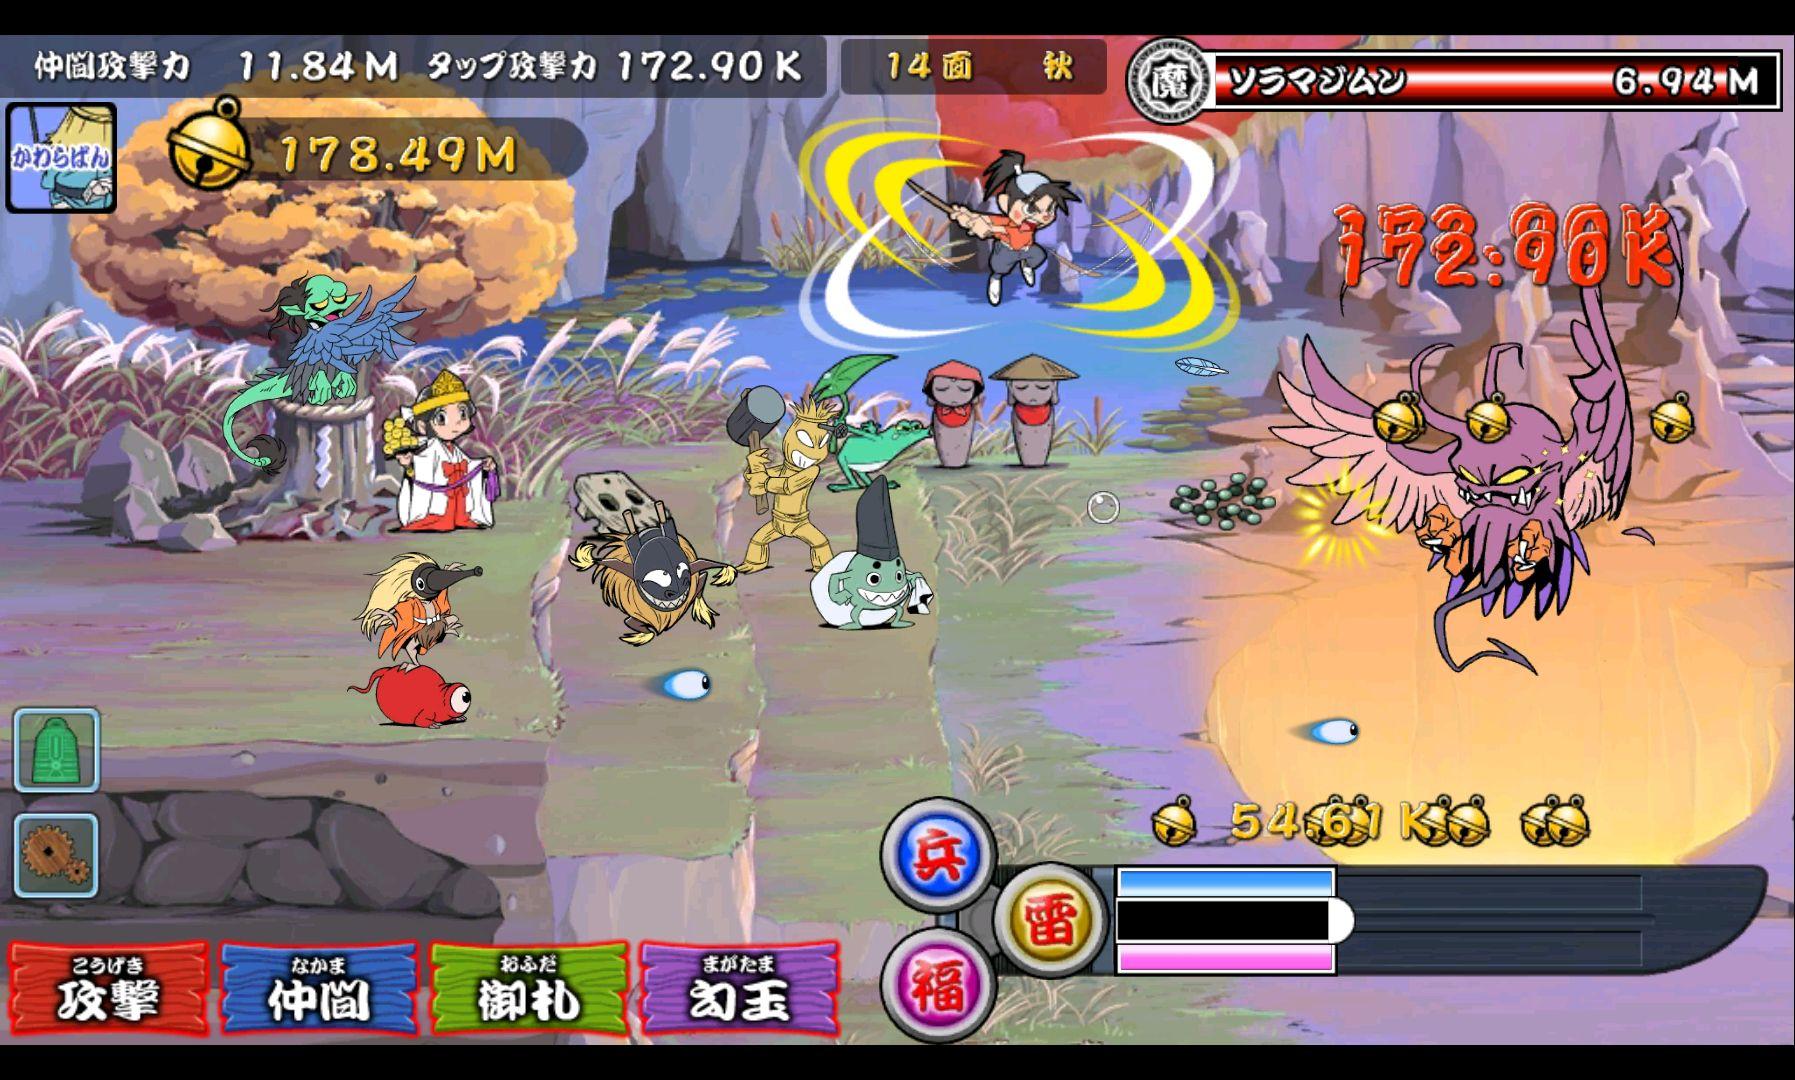 御伽合戦 OTOGI WAR androidアプリスクリーンショット1